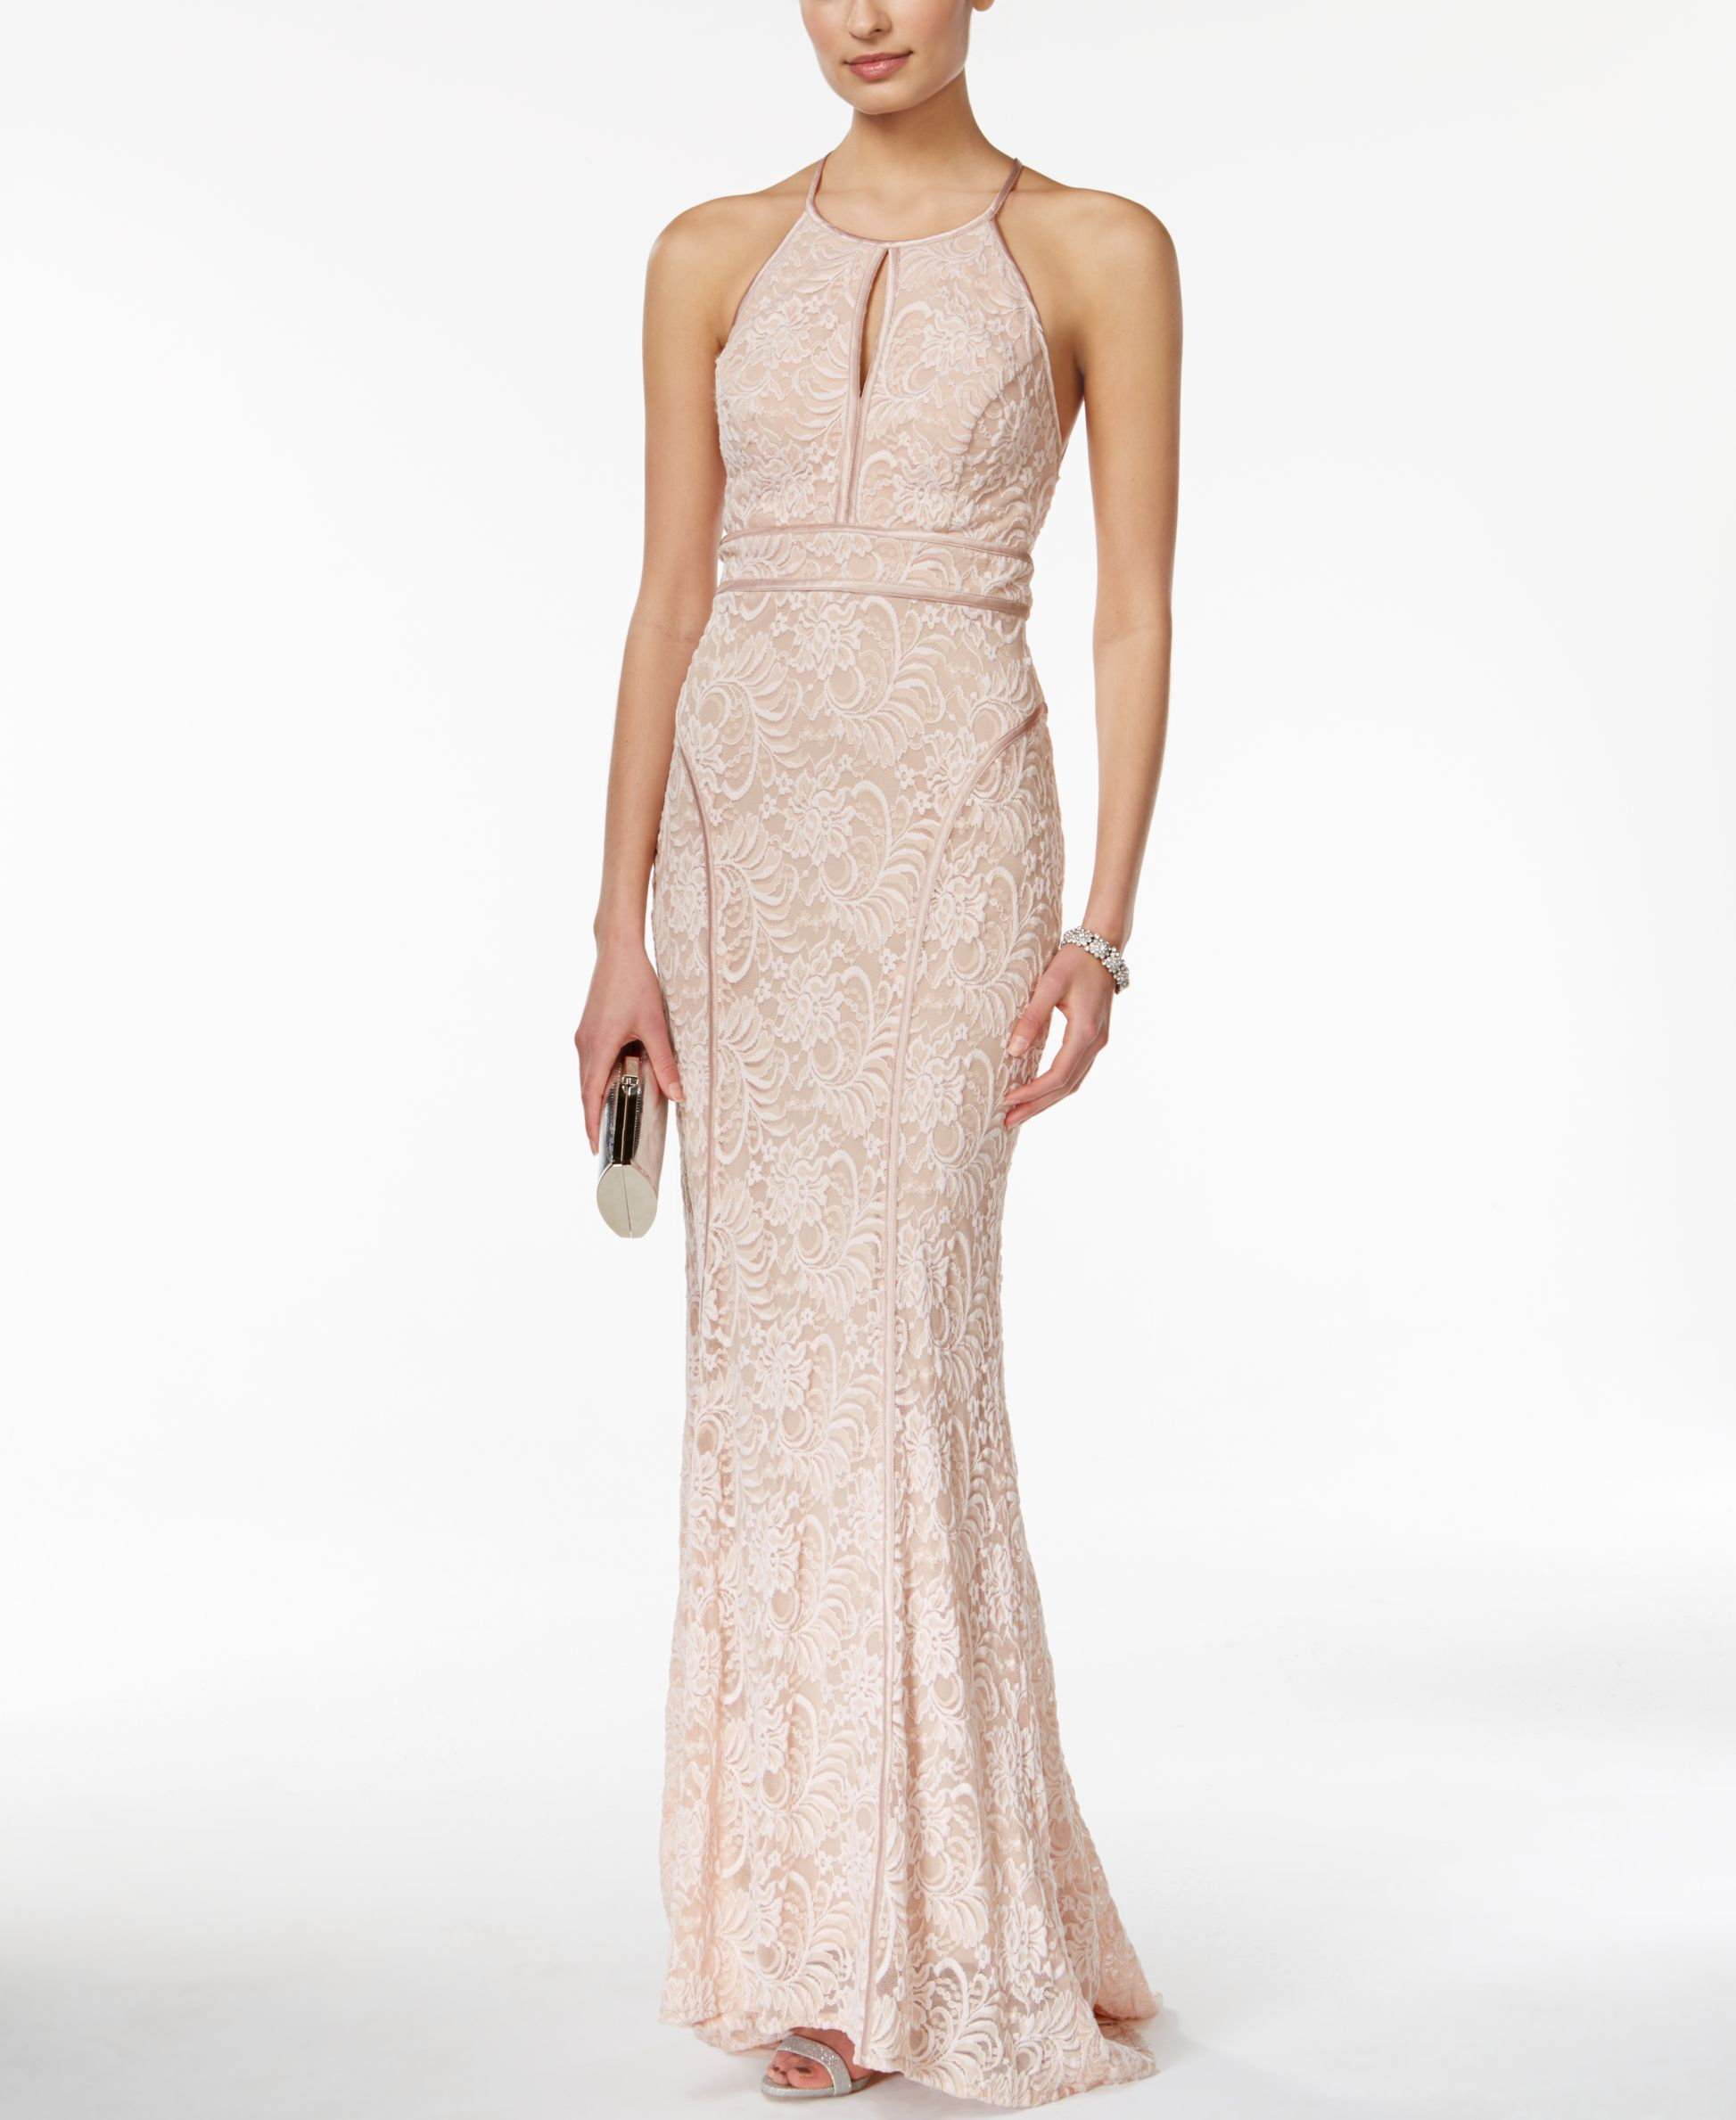 Xscape satintrim lace halter gown boulè pinterest halter gown